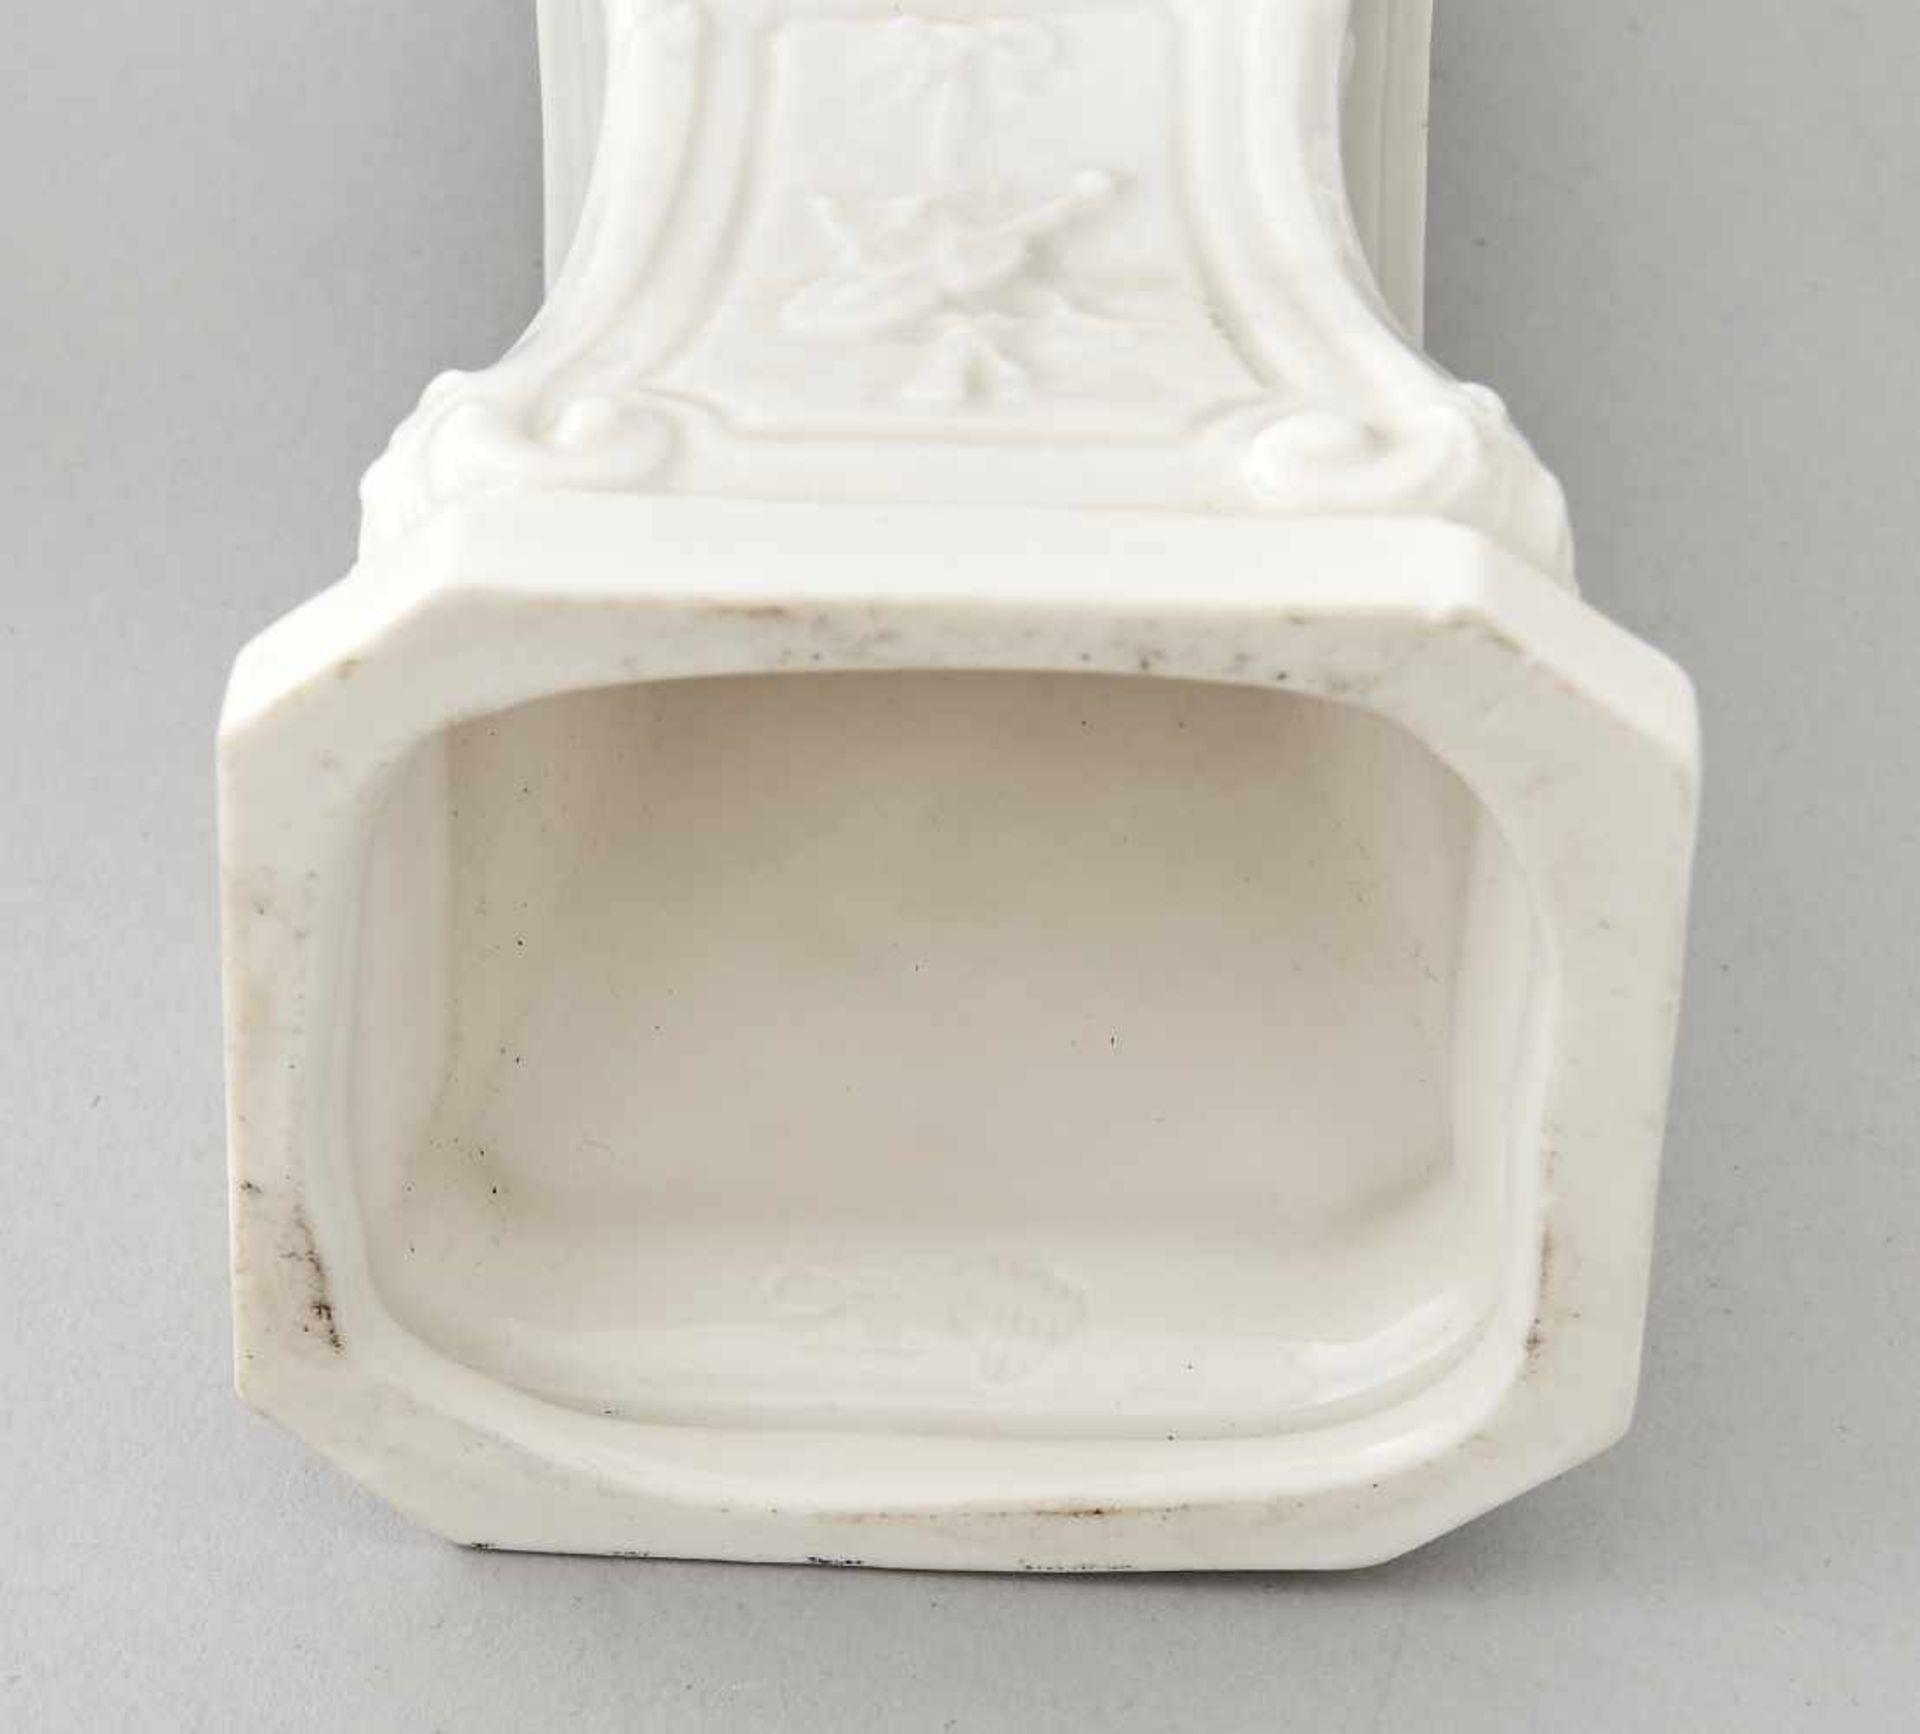 Los 7 - Vier JahreszeitenDominikus Auliczek, (1734-1804)Porzellanmanufaktur Nymphenburg. Höhe 23,5 cm